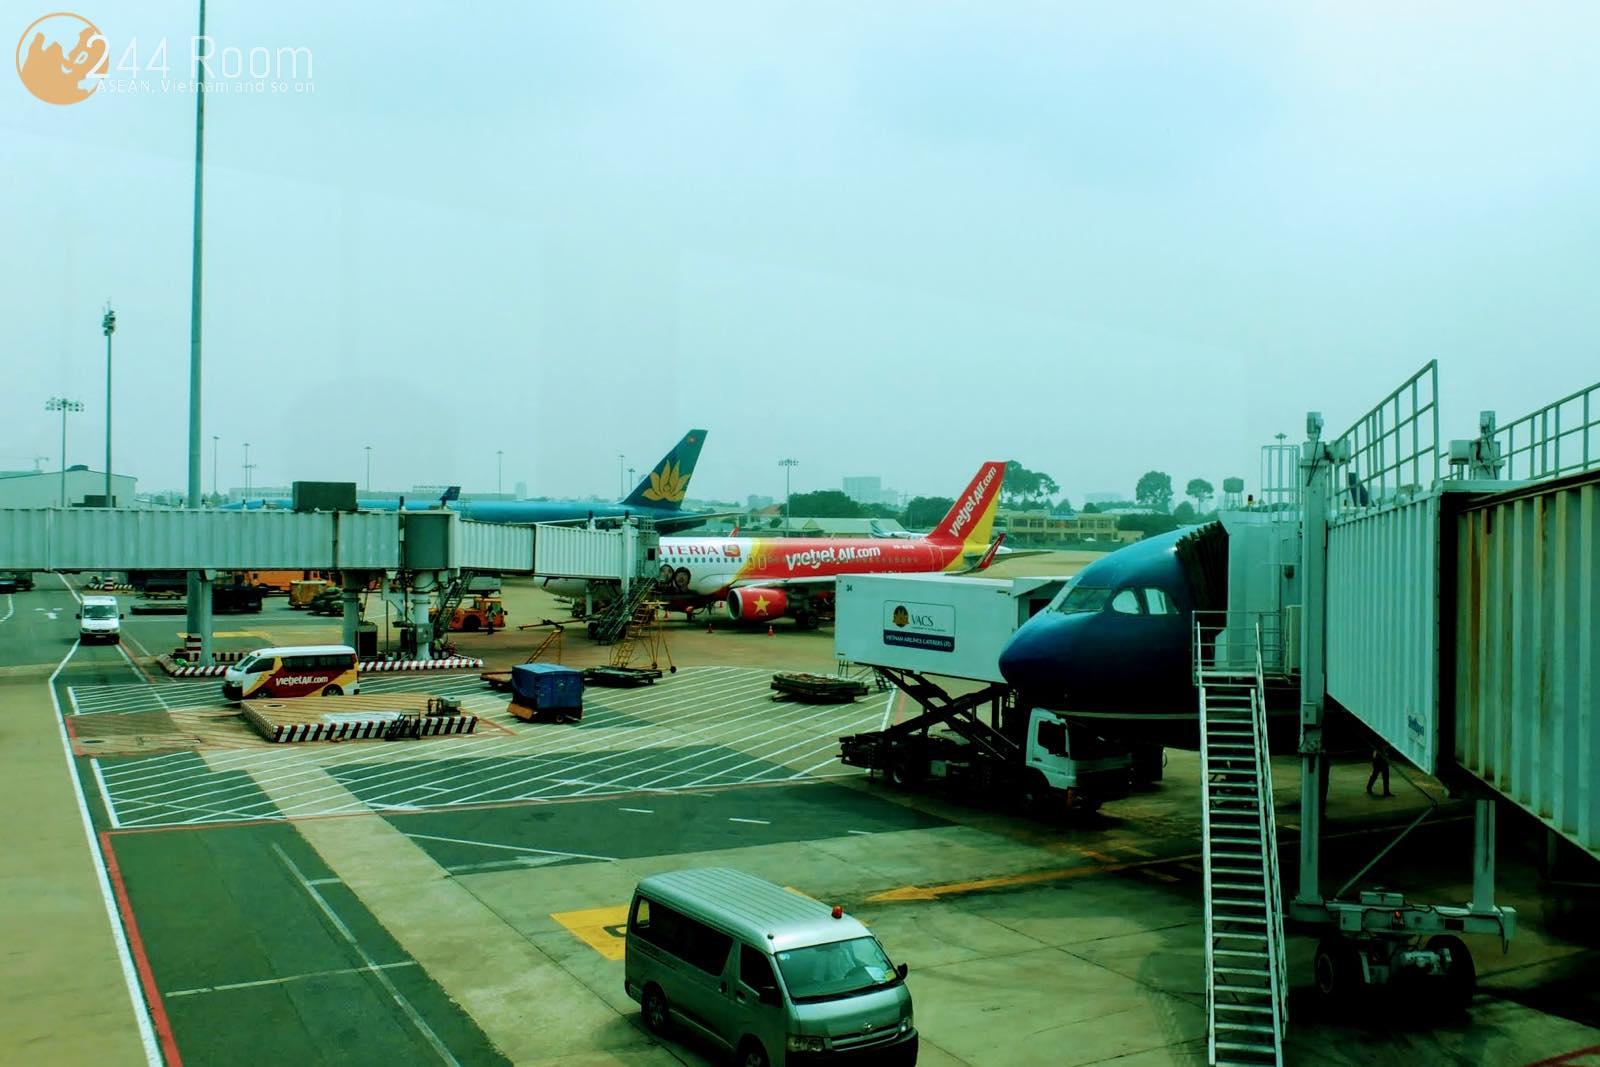 ベトナムの空港 Airport in Vietnam